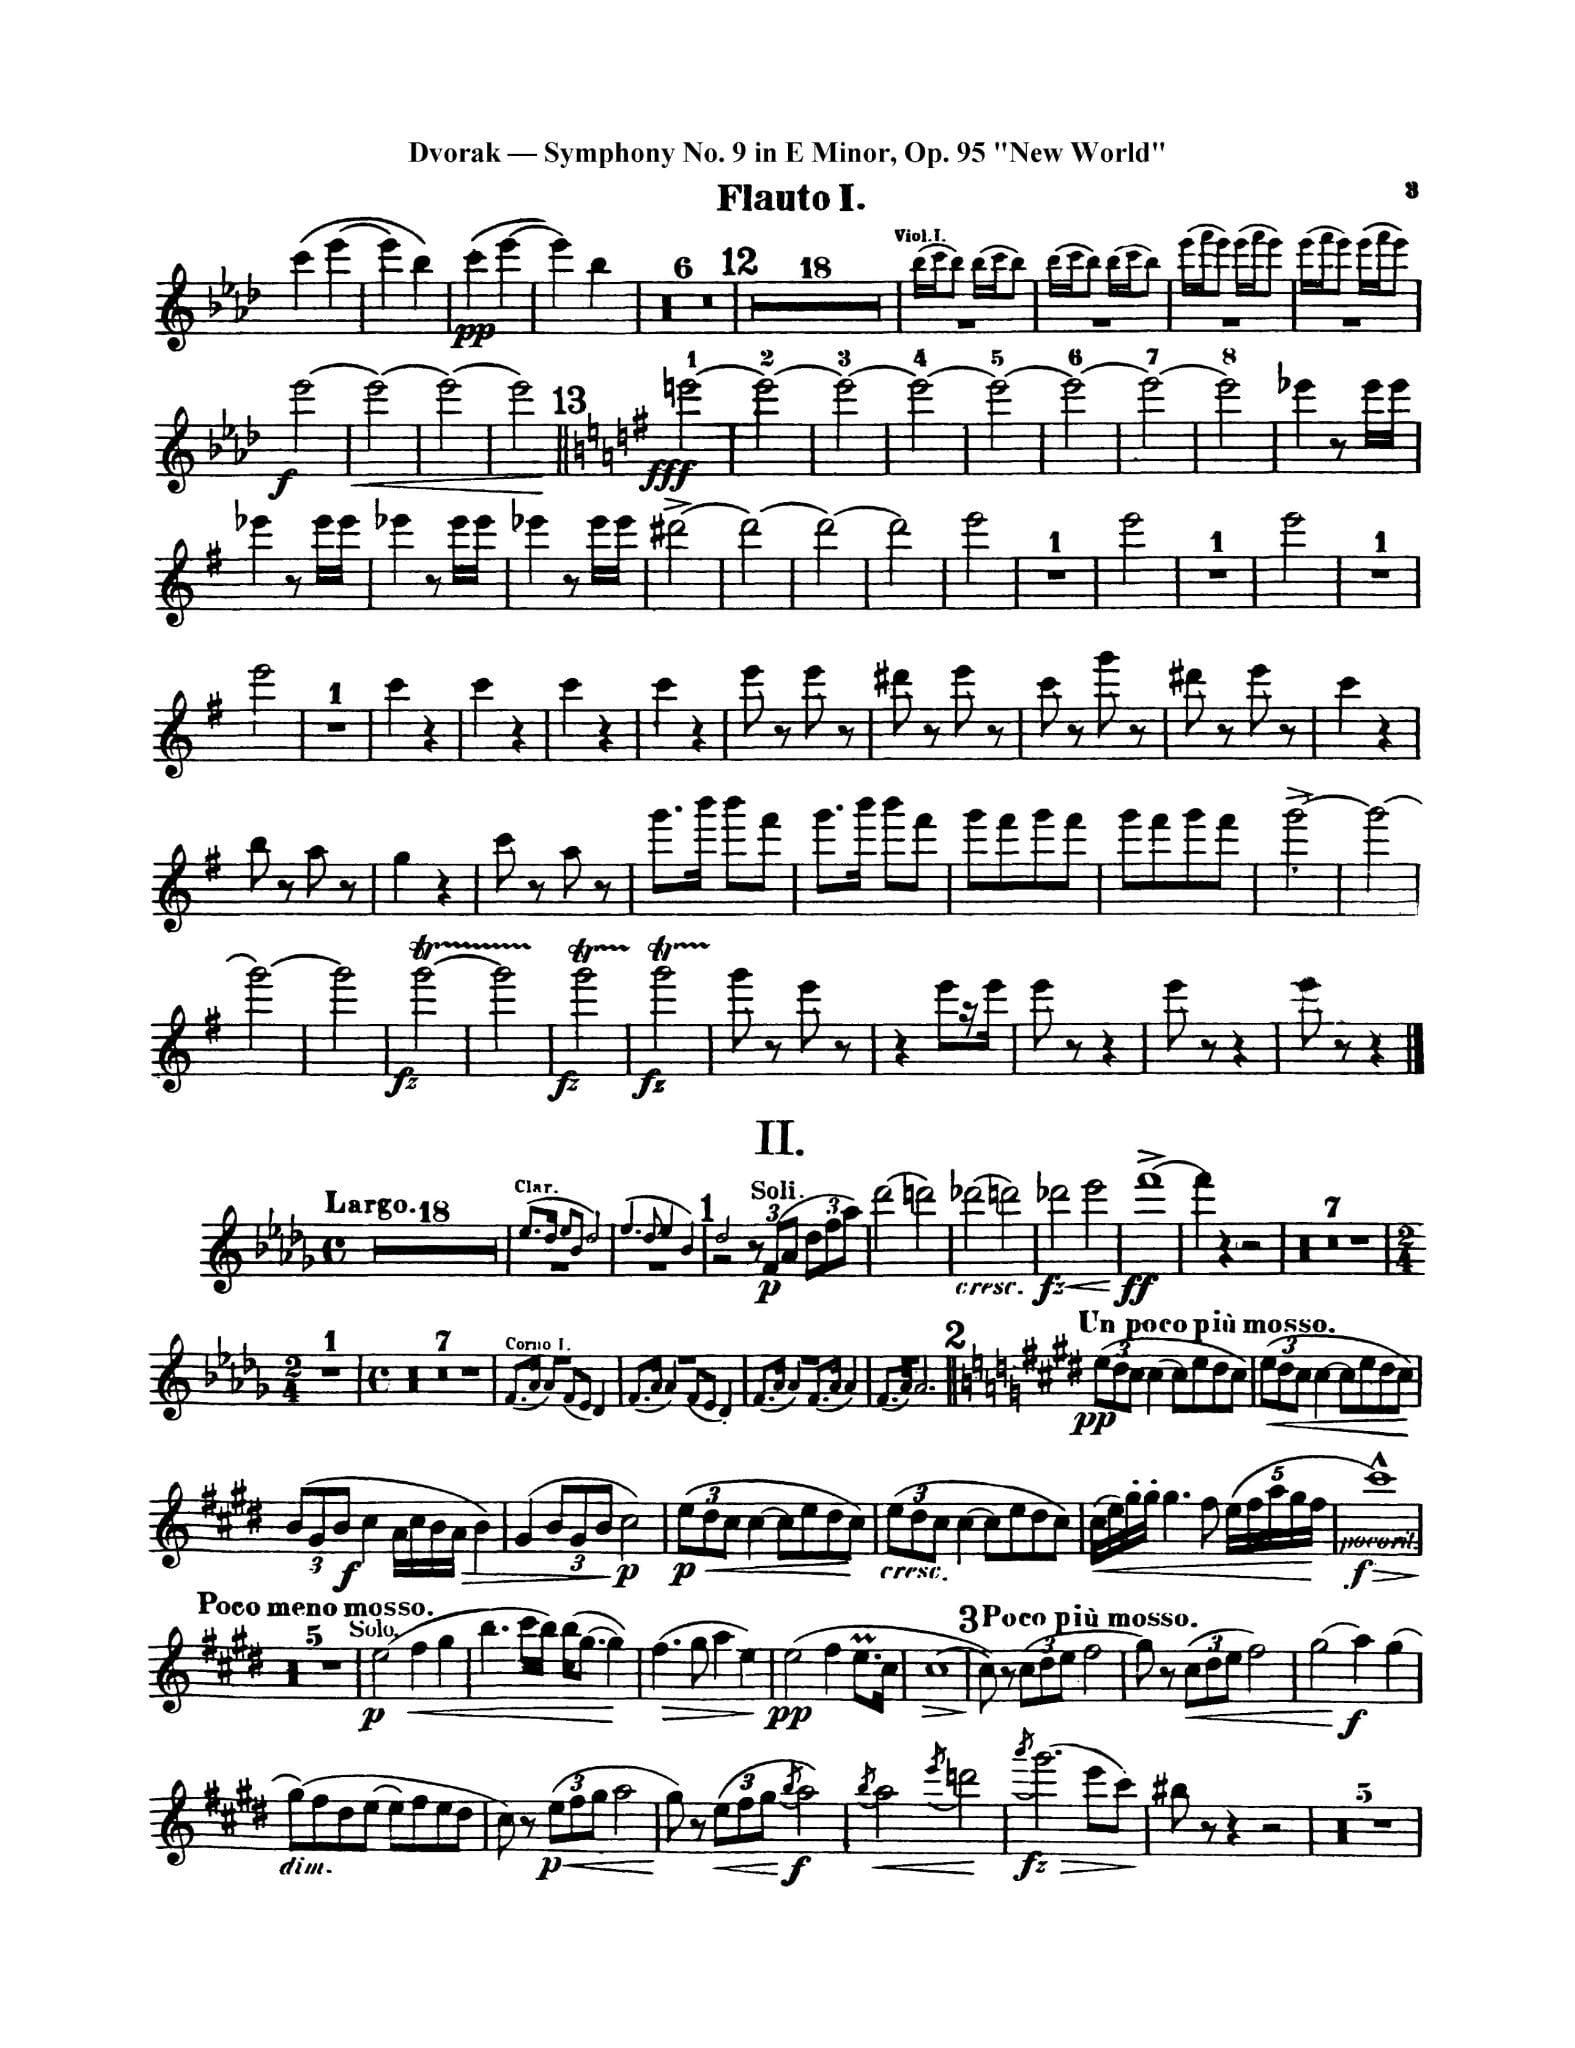 Dvorak Symphony No. 9 3